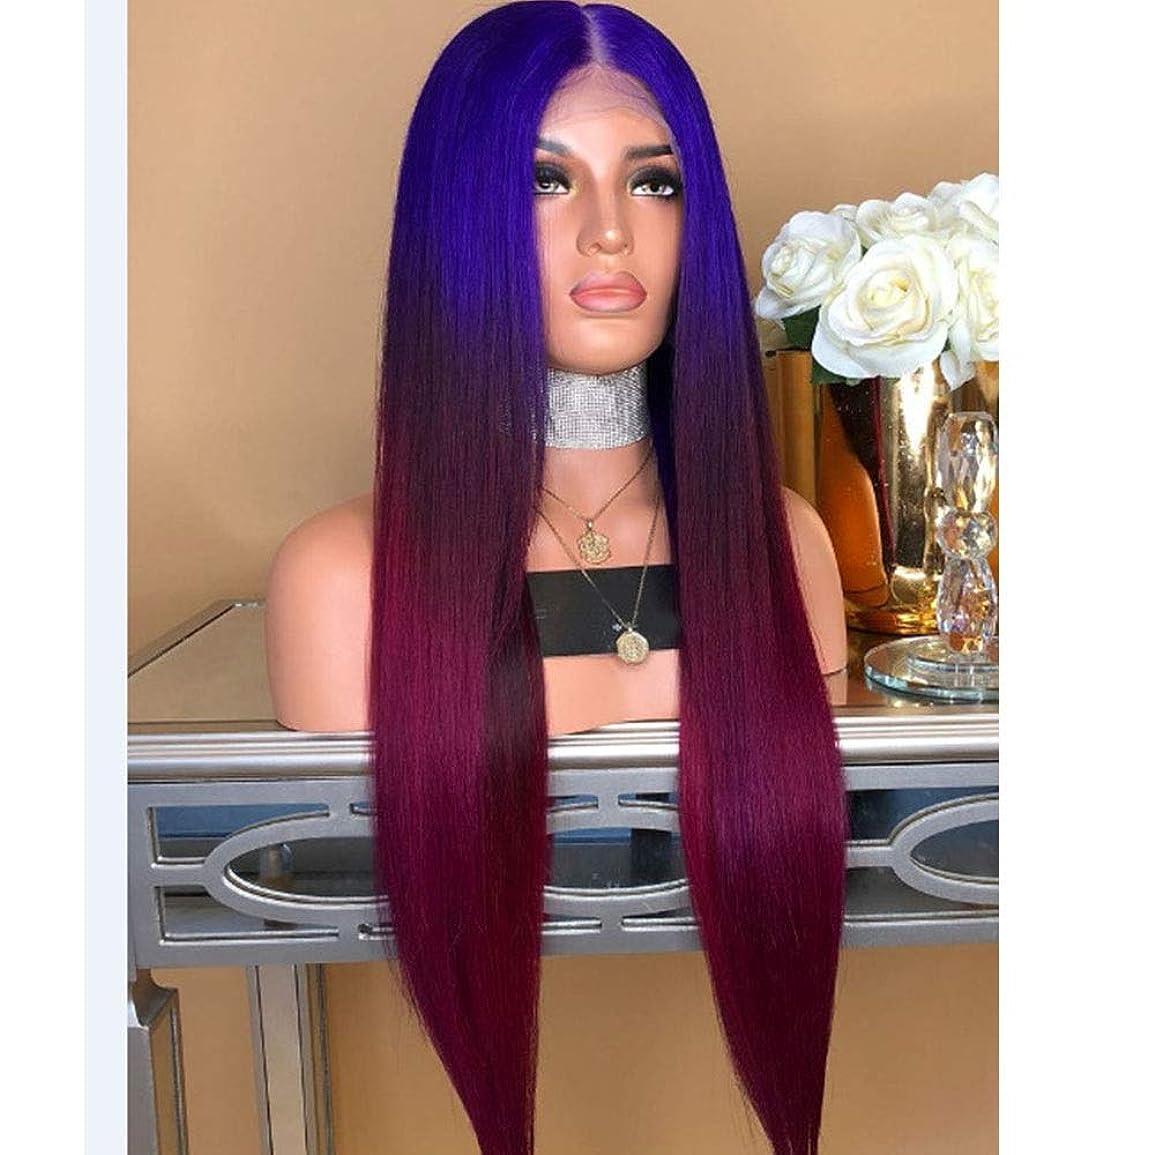 侵入重要な役割を果たす、中心的な手段となるソーセージBOBIDYEE 女性のミディアムストレートヘア三色グラデーションウィッグ耐熱ミドルウィッグ女性のための合成ヘアレースウィッグロールプレイングかつら (色 : Photo Color)